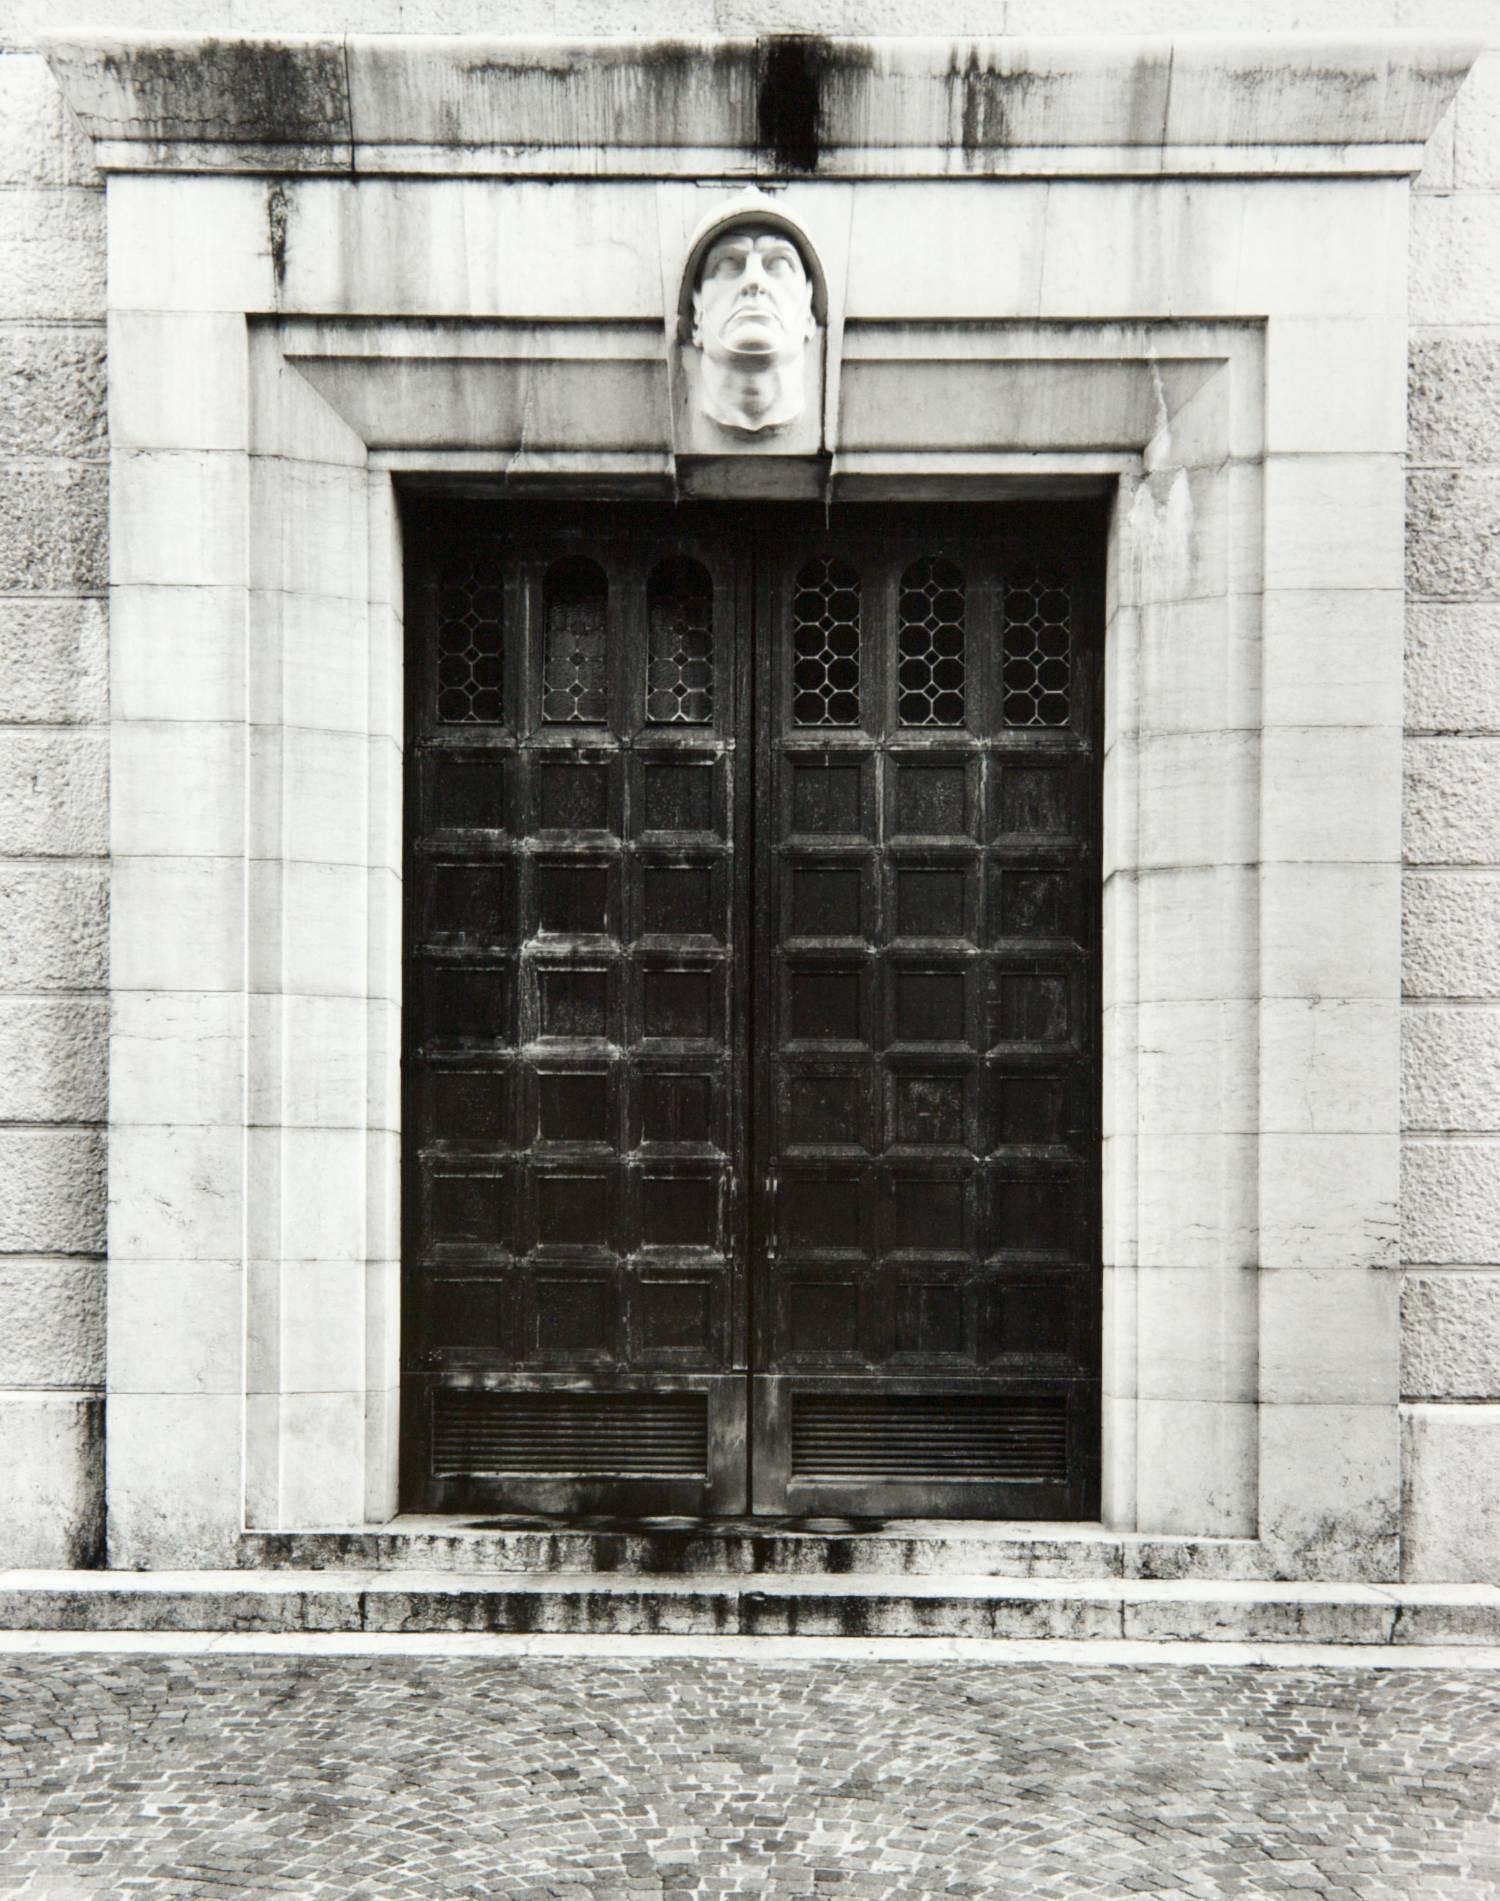 War Memorial Doors (Asiago, Italy)